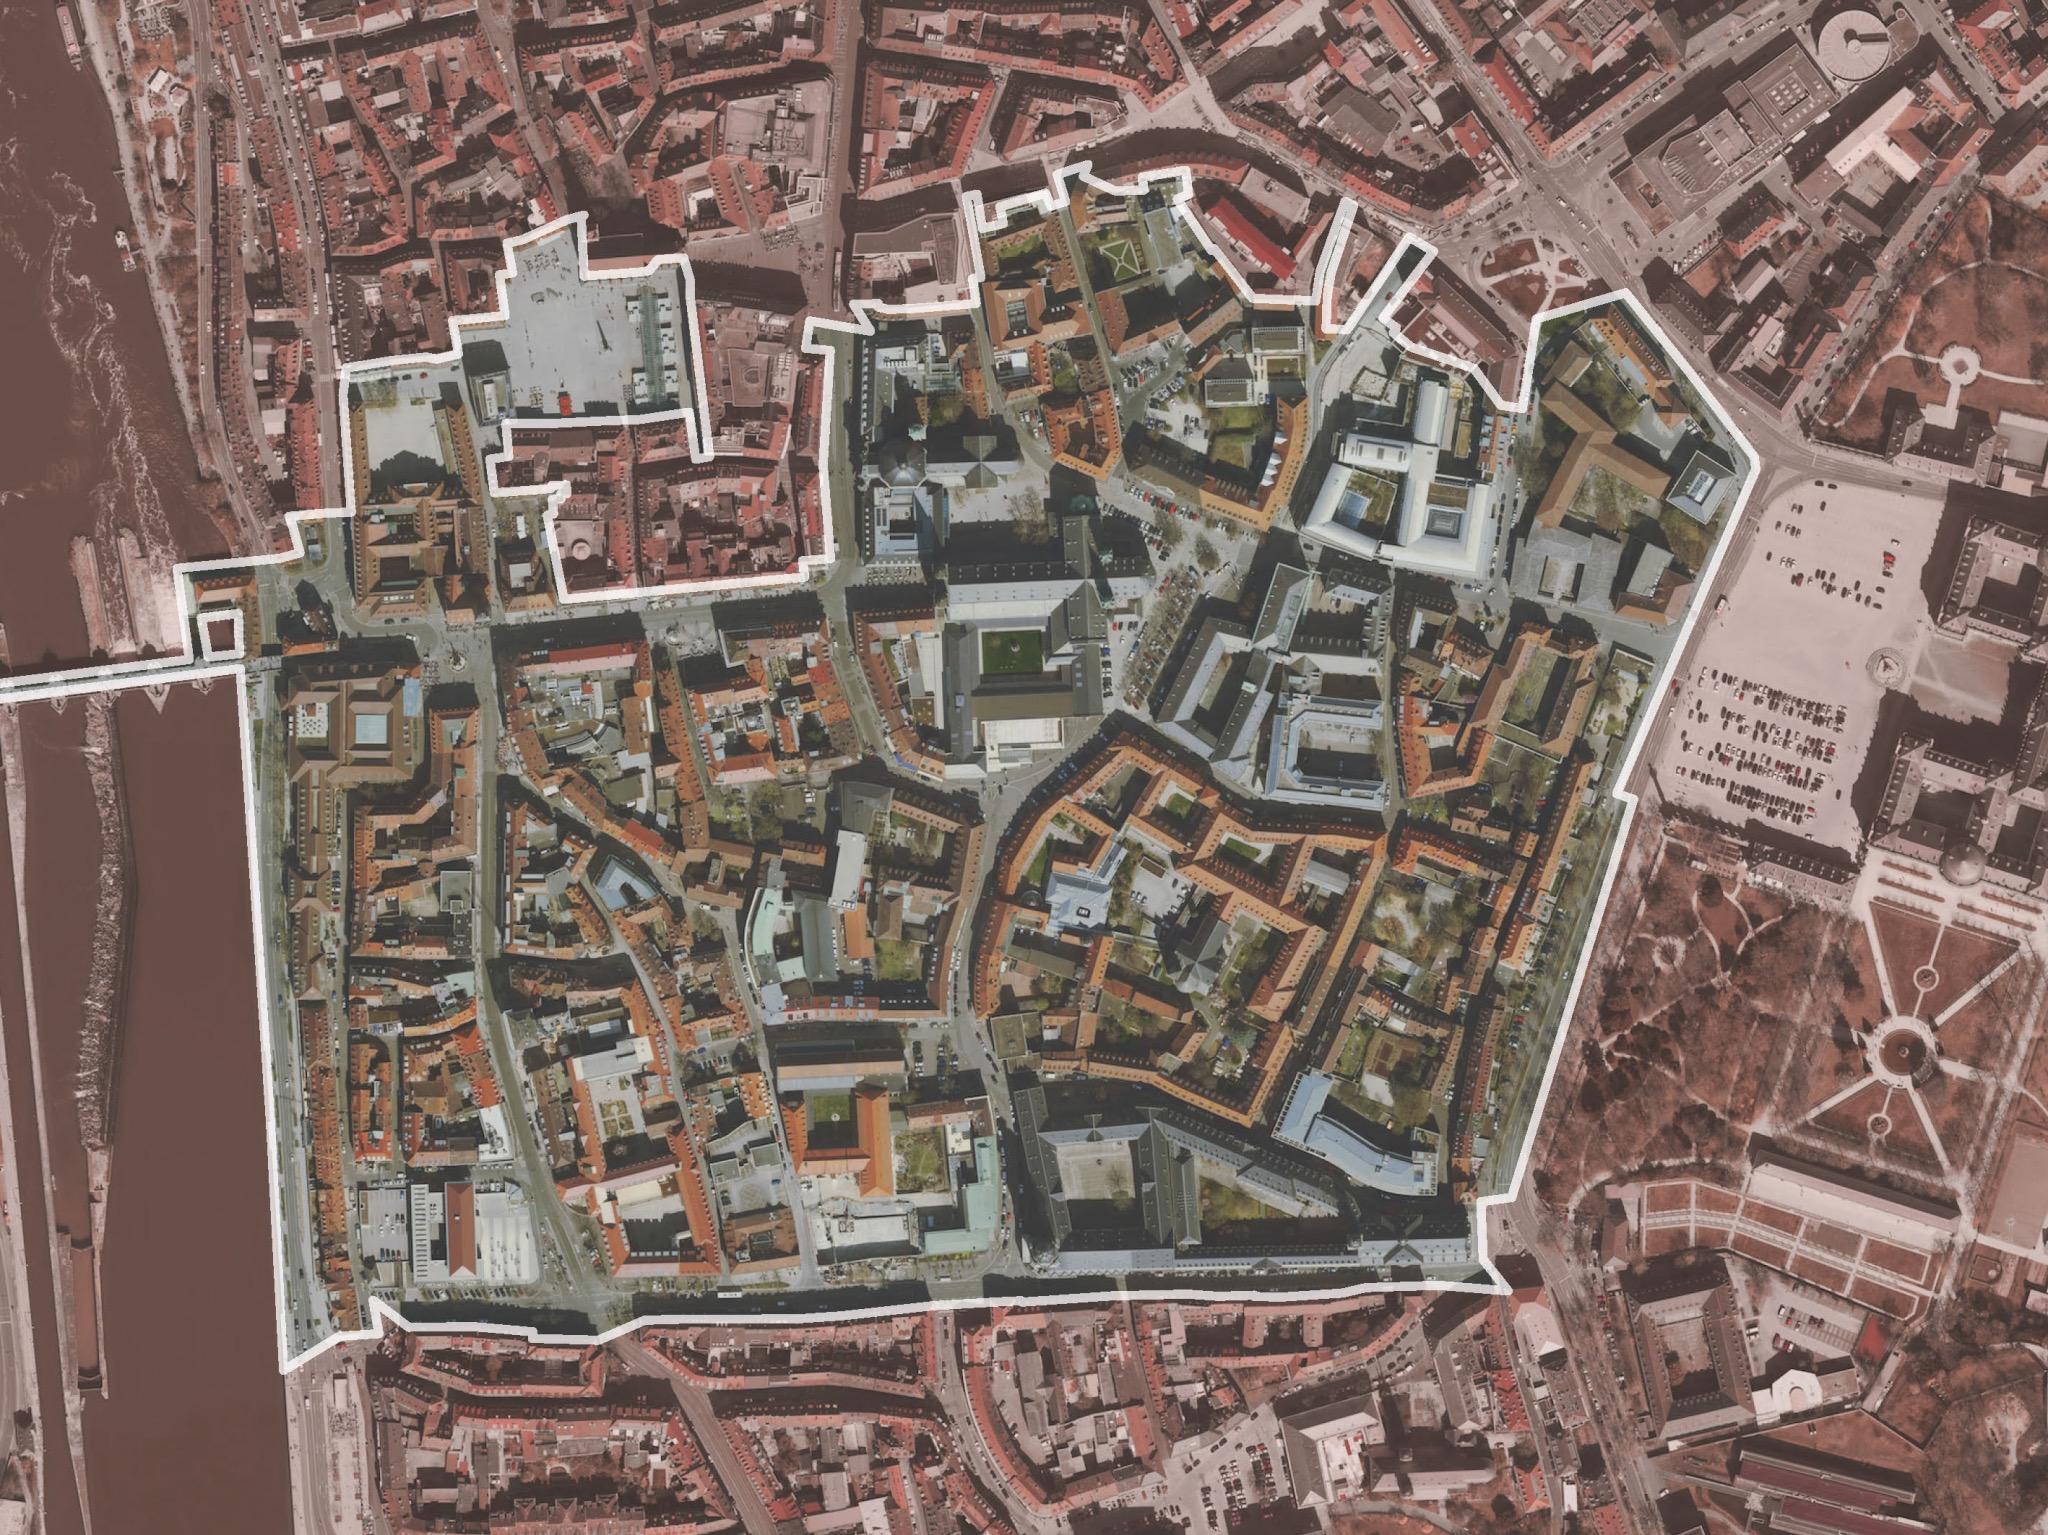 Das Gebiet des Bischofshuts in der Innenstadt. Grafik: Stadt Würzburg